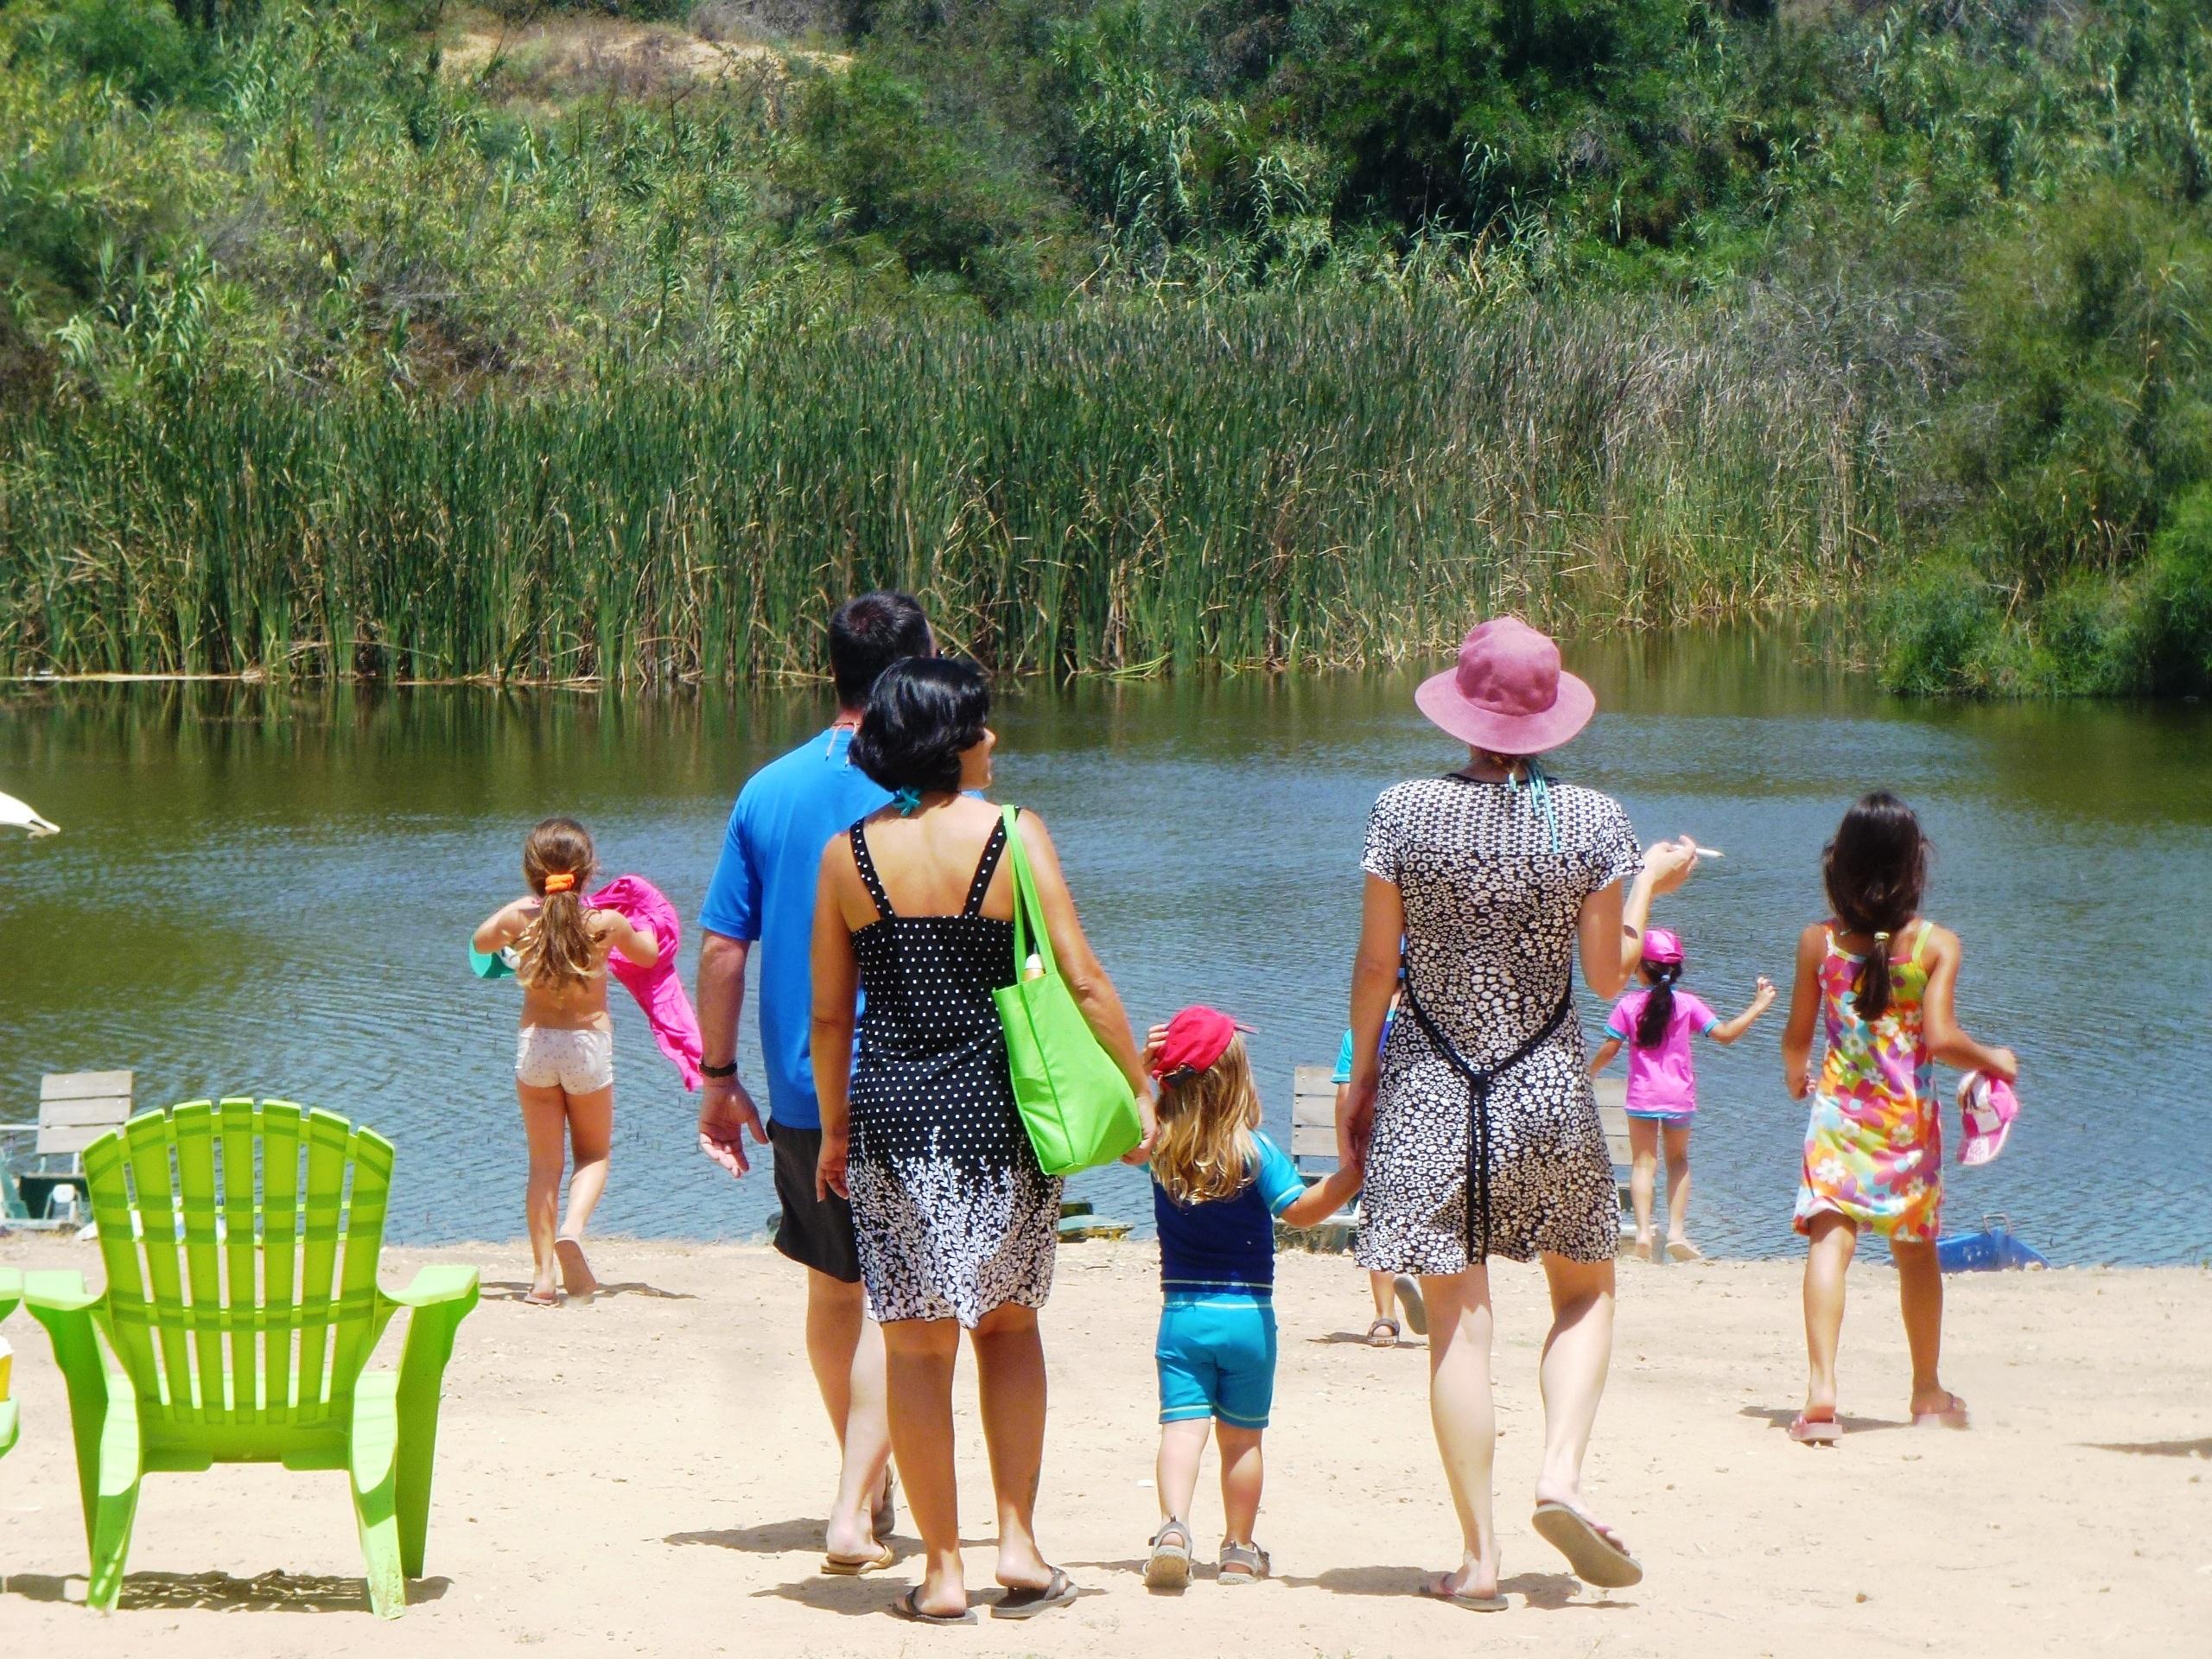 אגם ניצנים (צילום: אנמה)